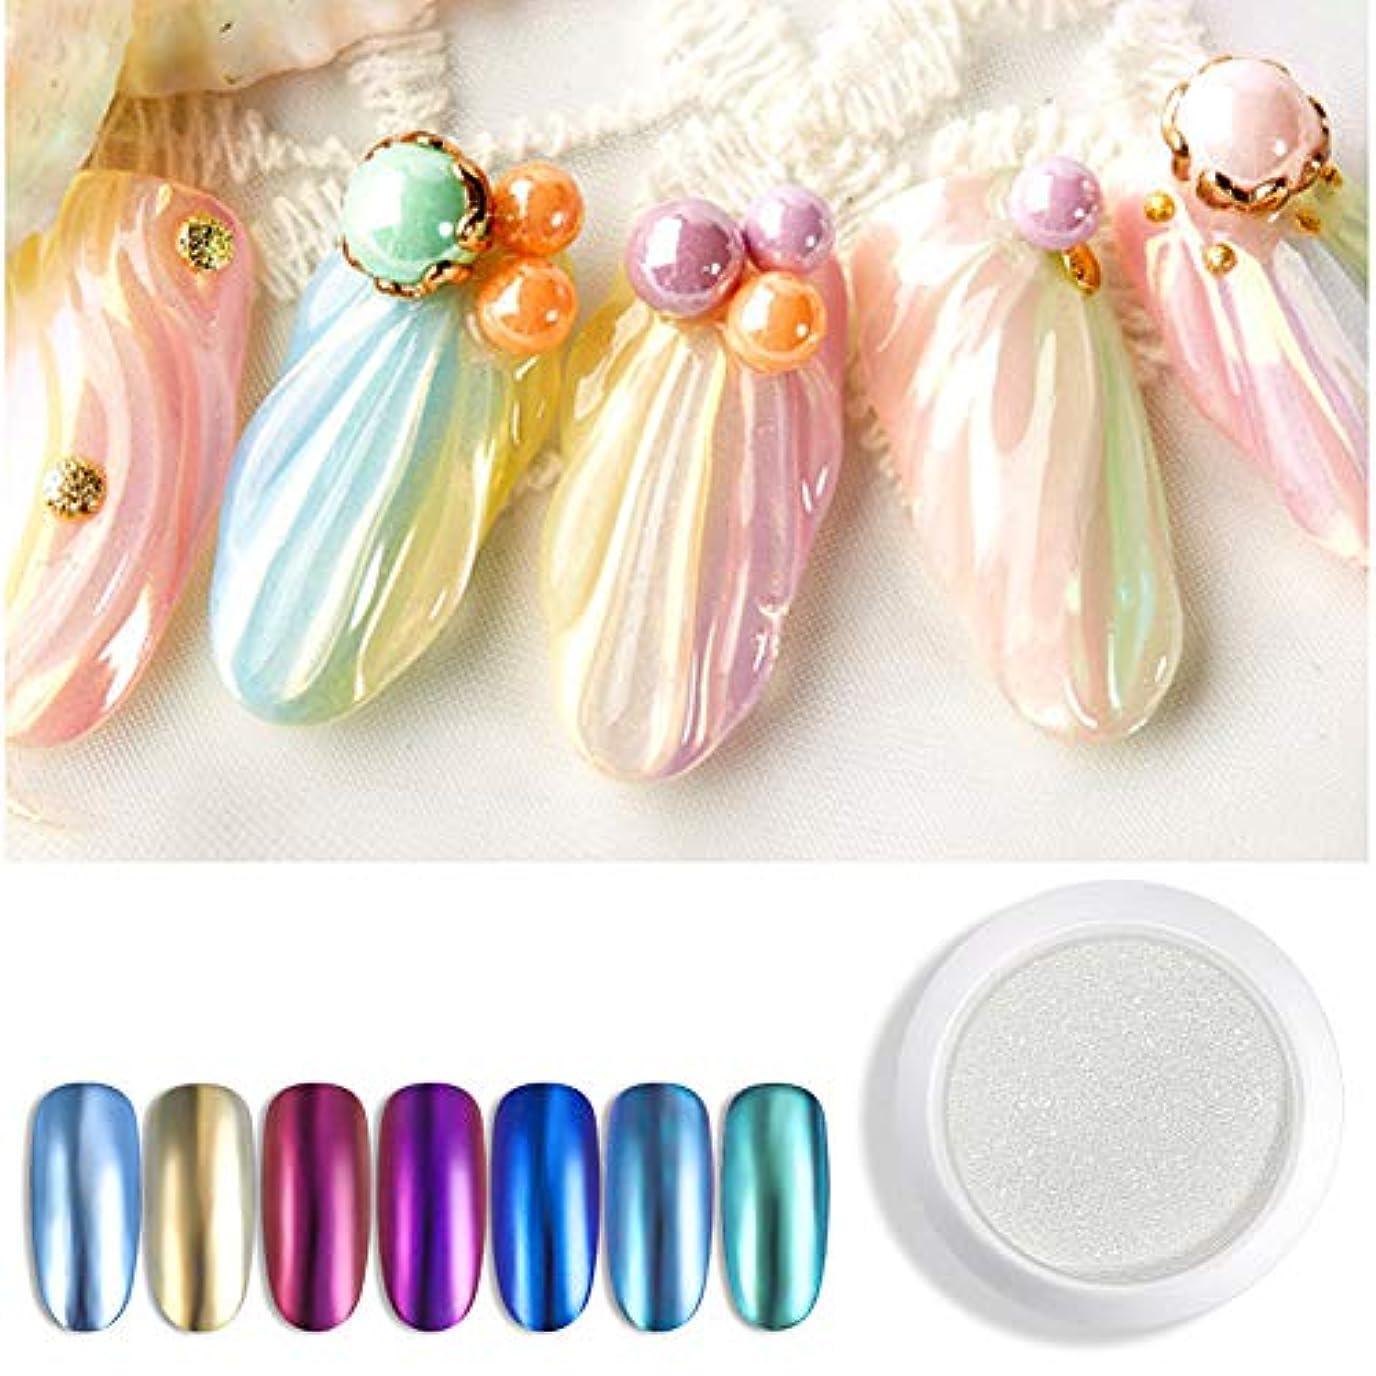 スワップ突っ込むブレークINNAIL 爪粉末からオーロラ真珠粉ミラー粉末爪金属選択ゲルネイルカラーネイルアートを含有七色の1Gケース(7) 7